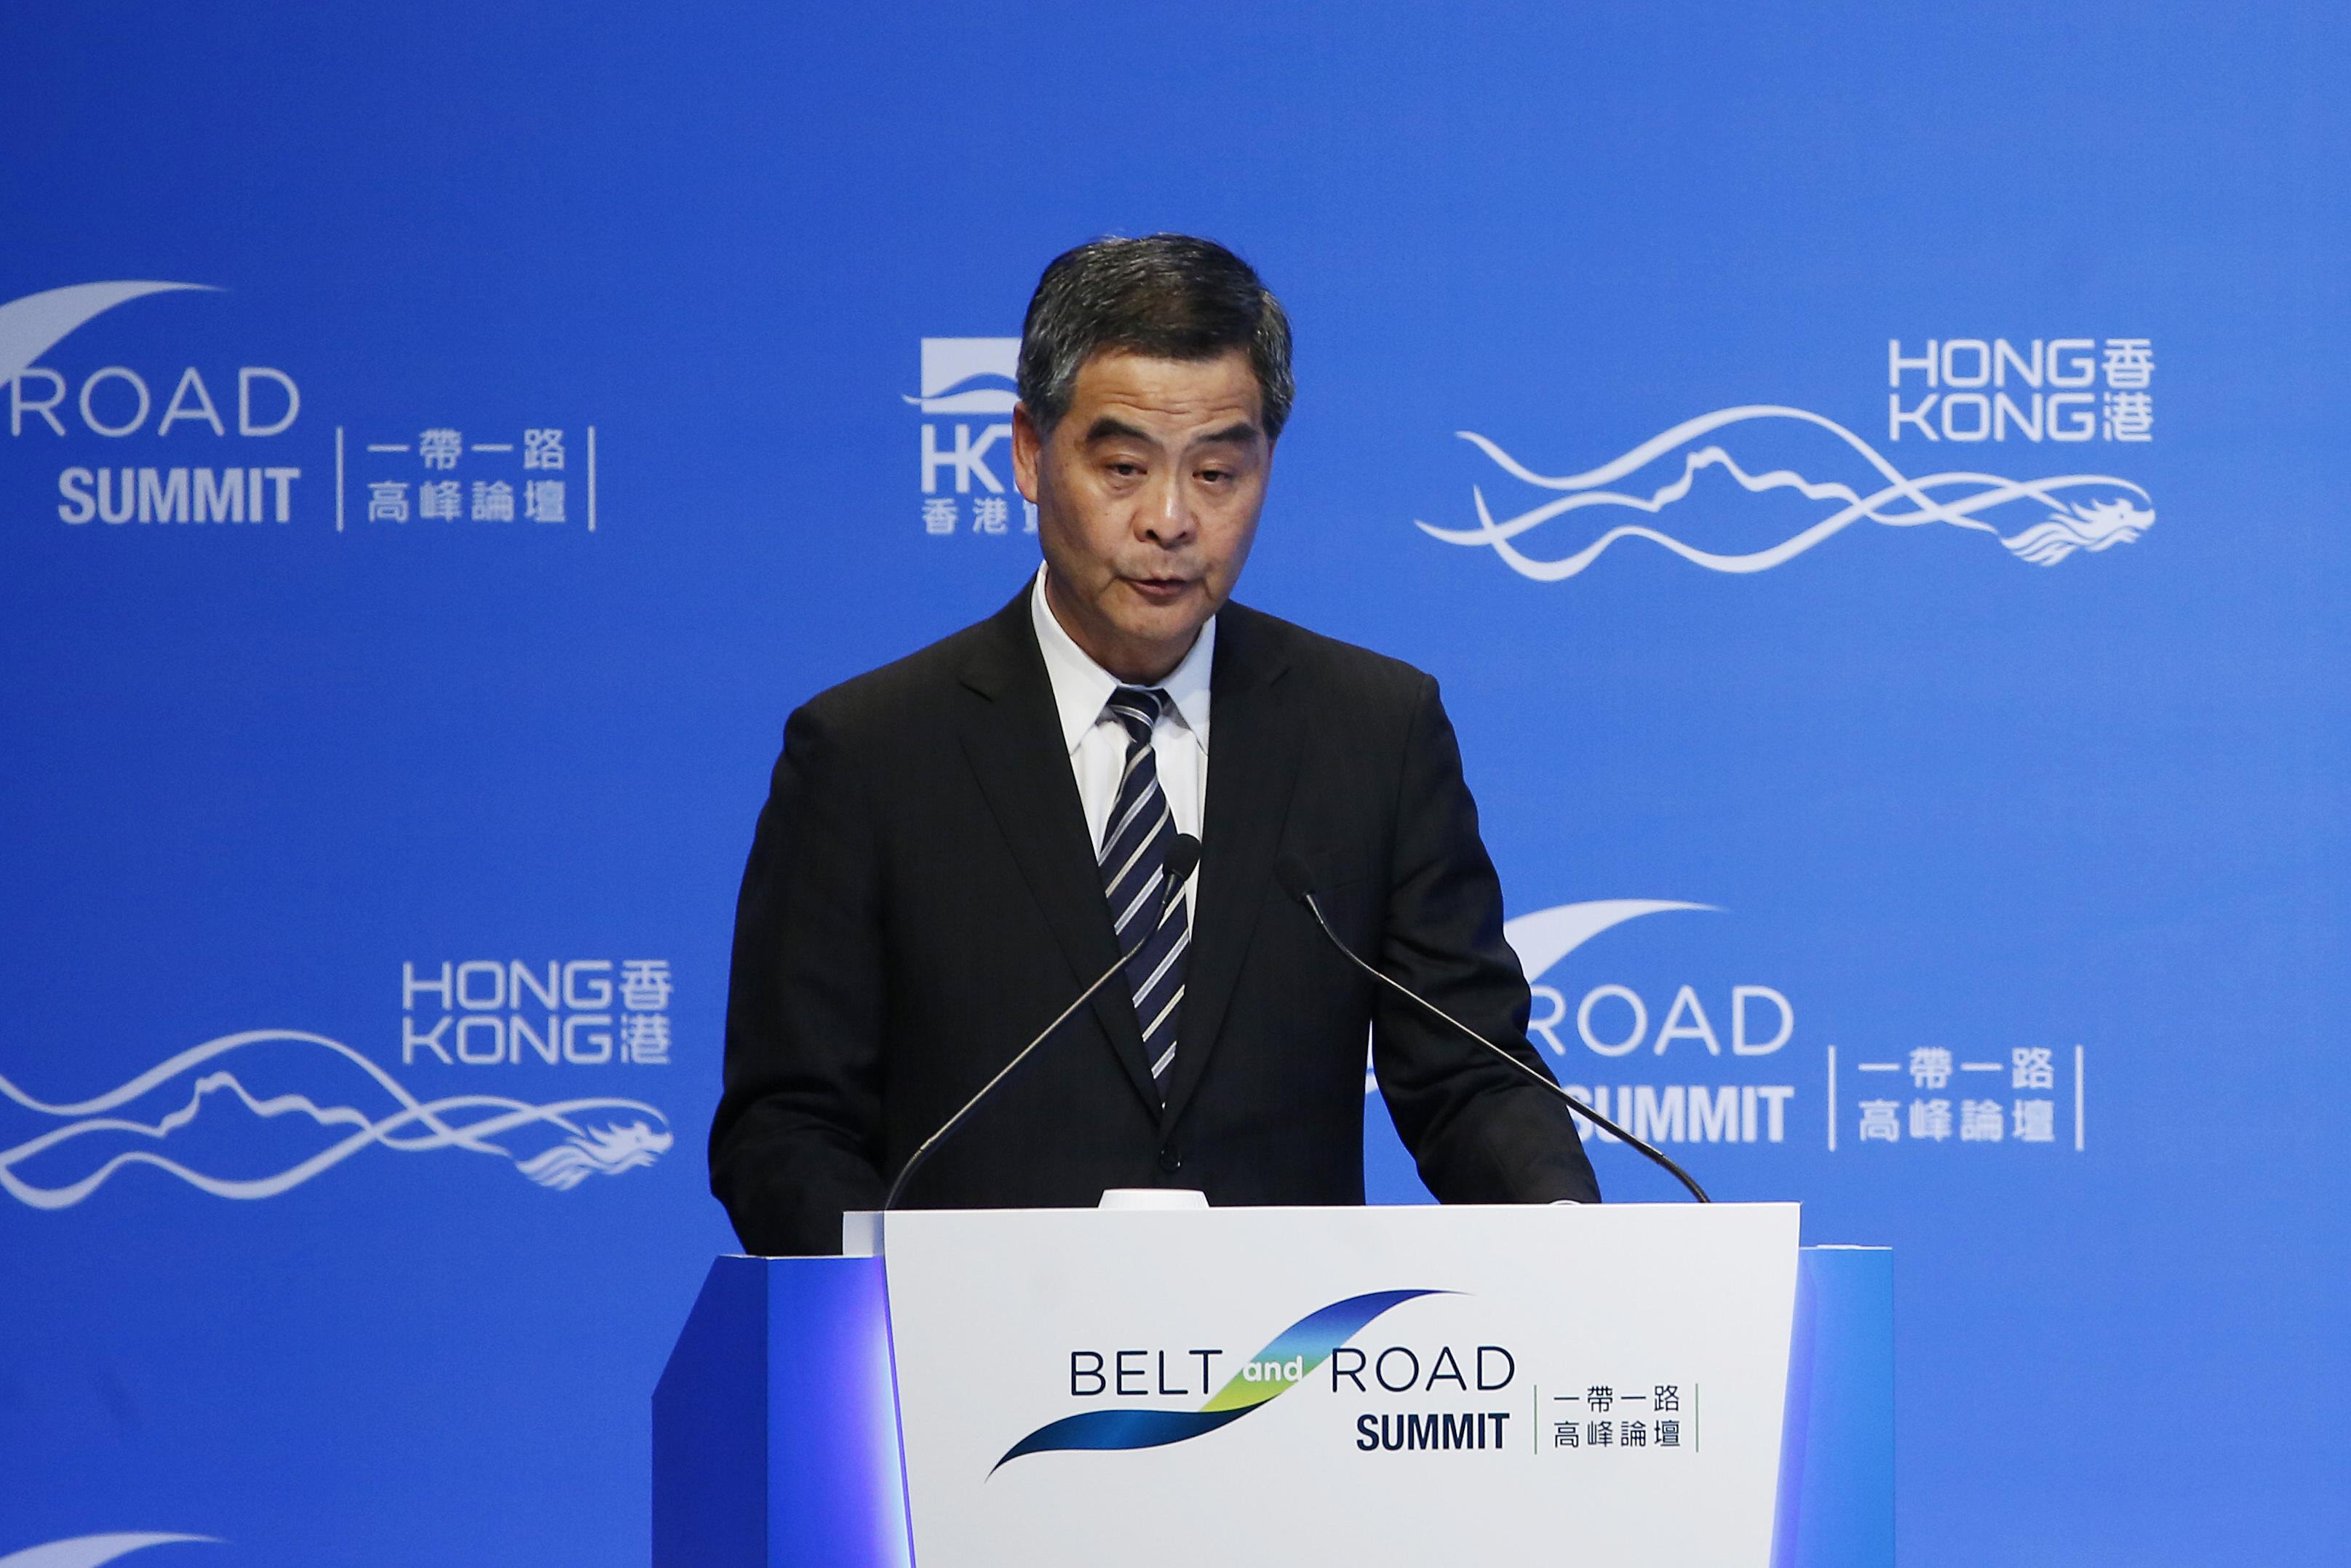 Leung Chun-ying, Hong Kong's chief executive, speaks at the Belt and Road Summit in Hong Kong, on Tuesday, May 18, 2016.